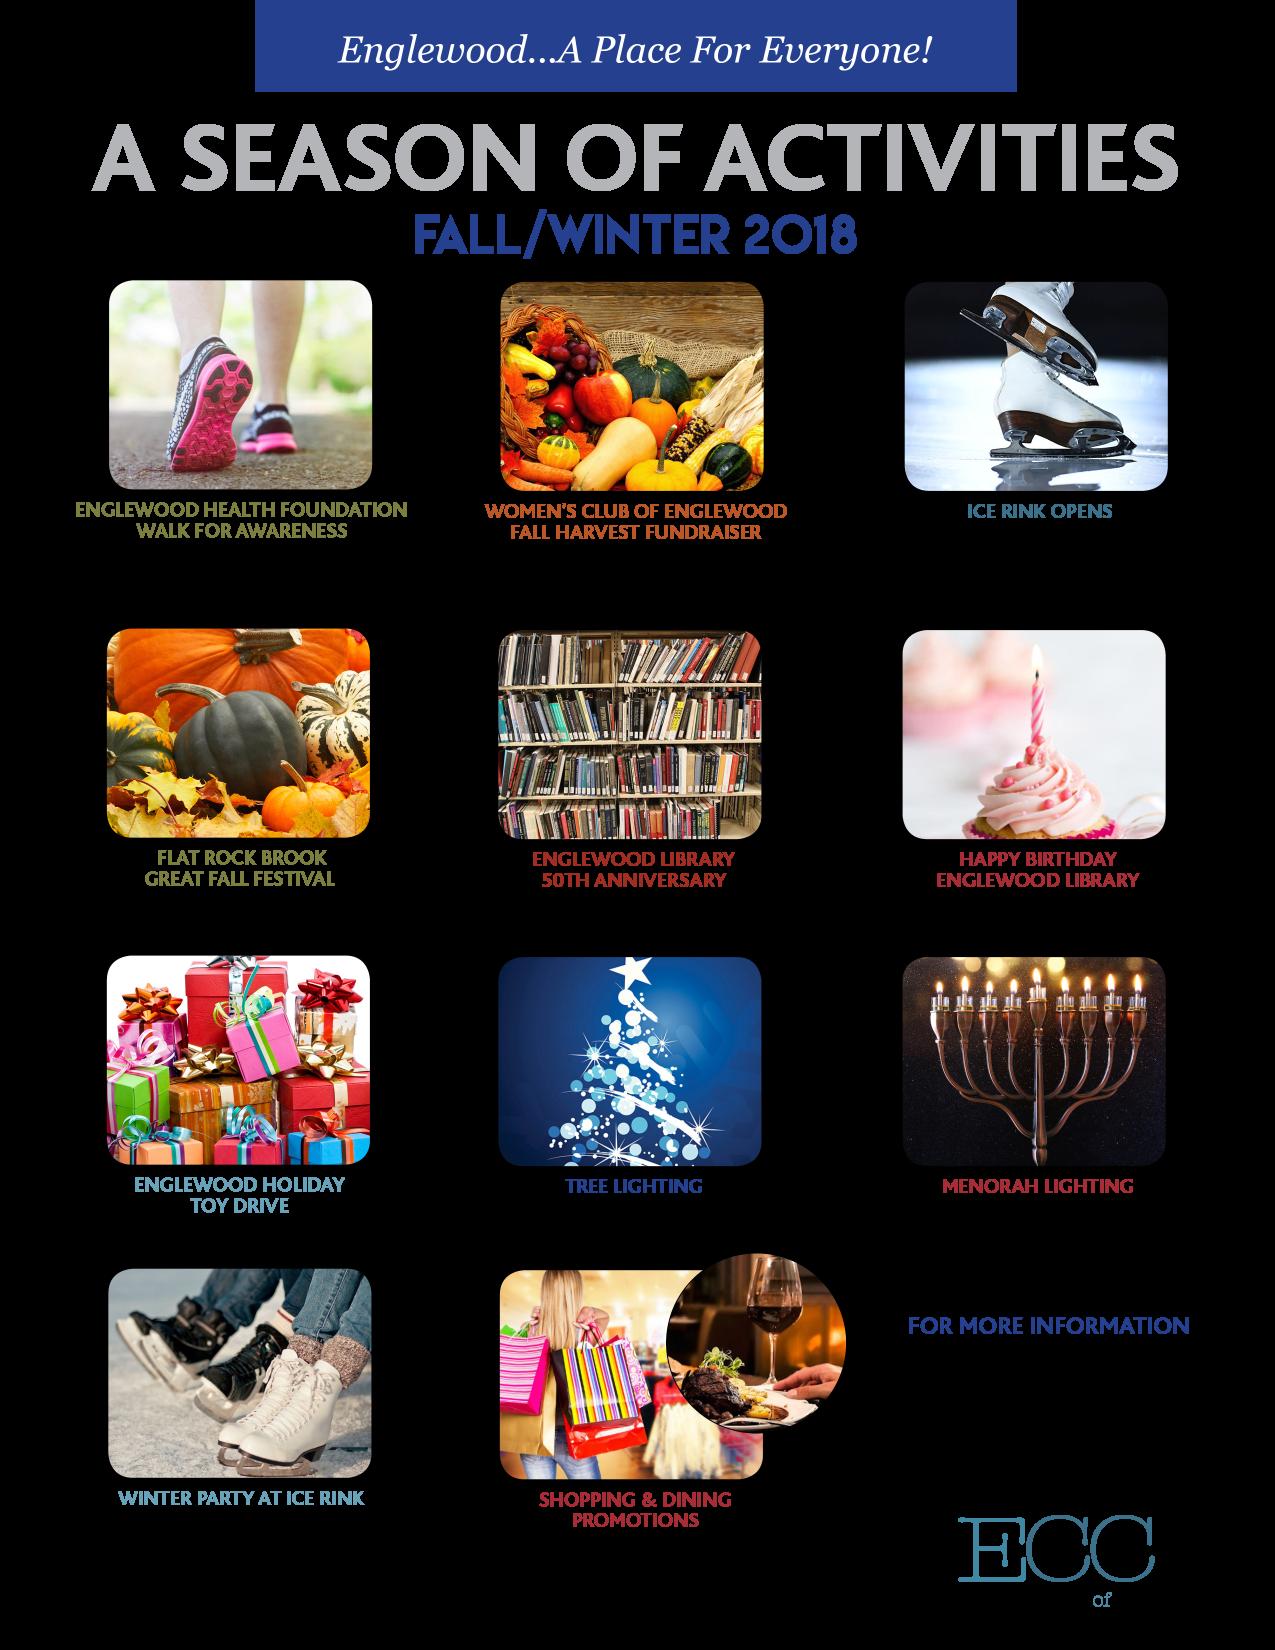 ECC-2018-09-Event-schedule_fall-w1275x1650.png